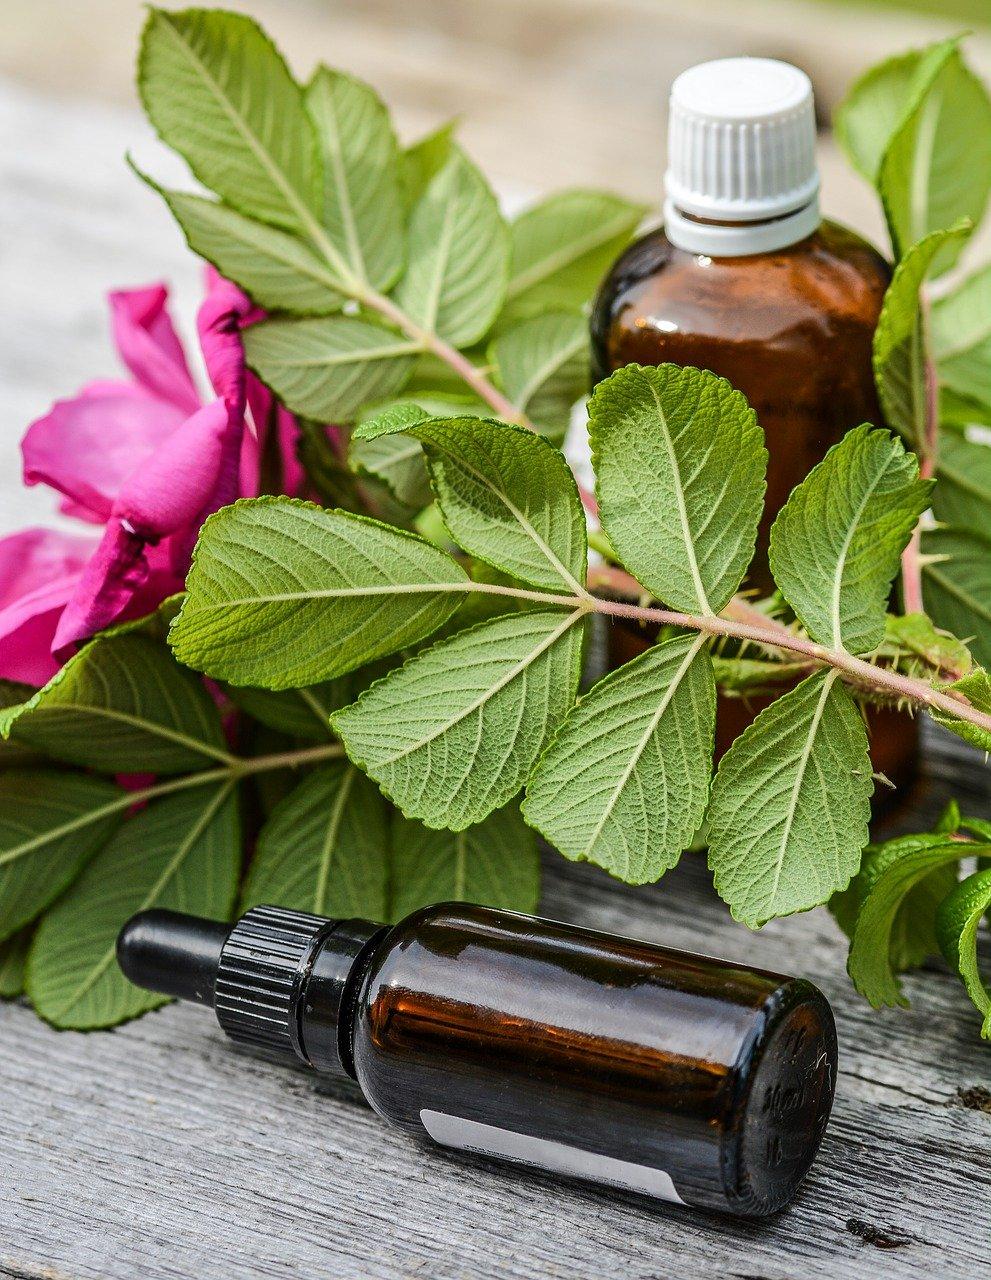 Comment apaiser les ruminations avec l'huile essentielle de marjolaine à coquilles